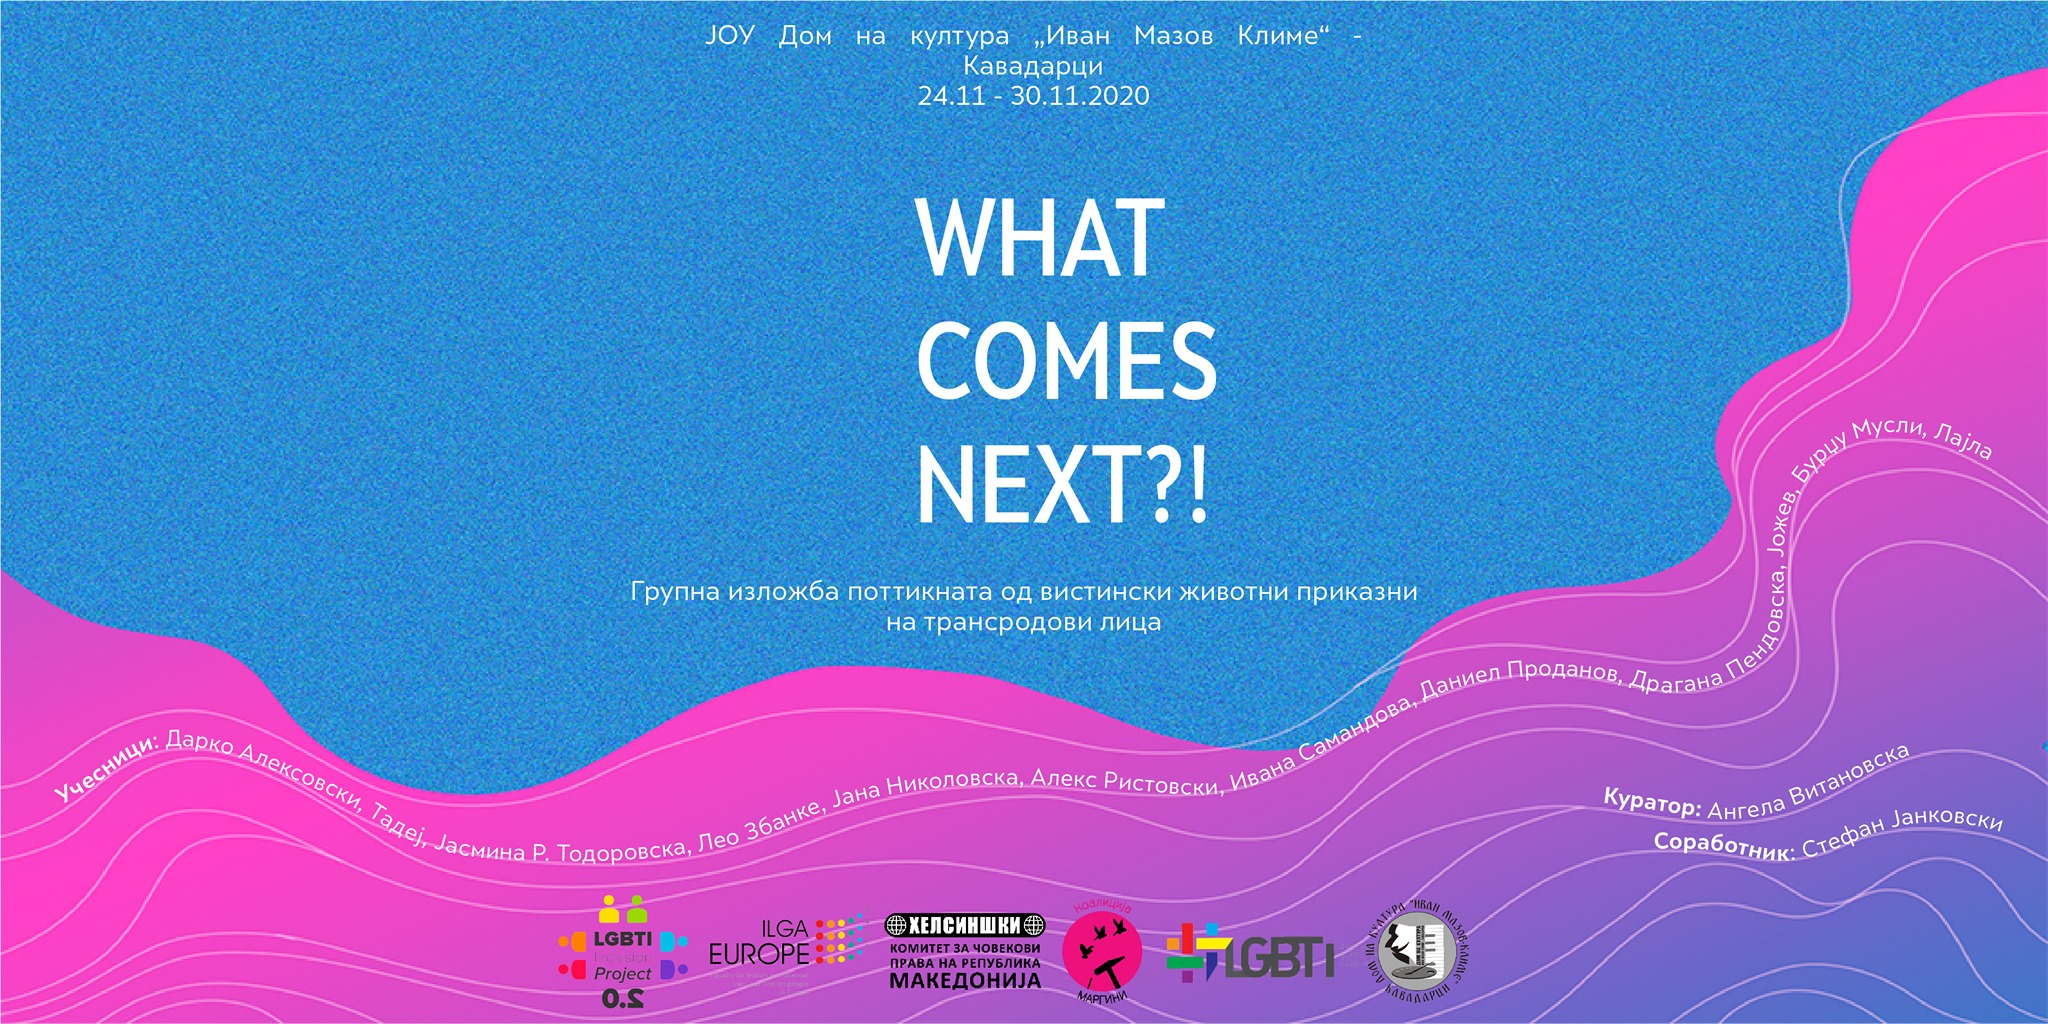 Изложба WHAT COMES NEXT ?!